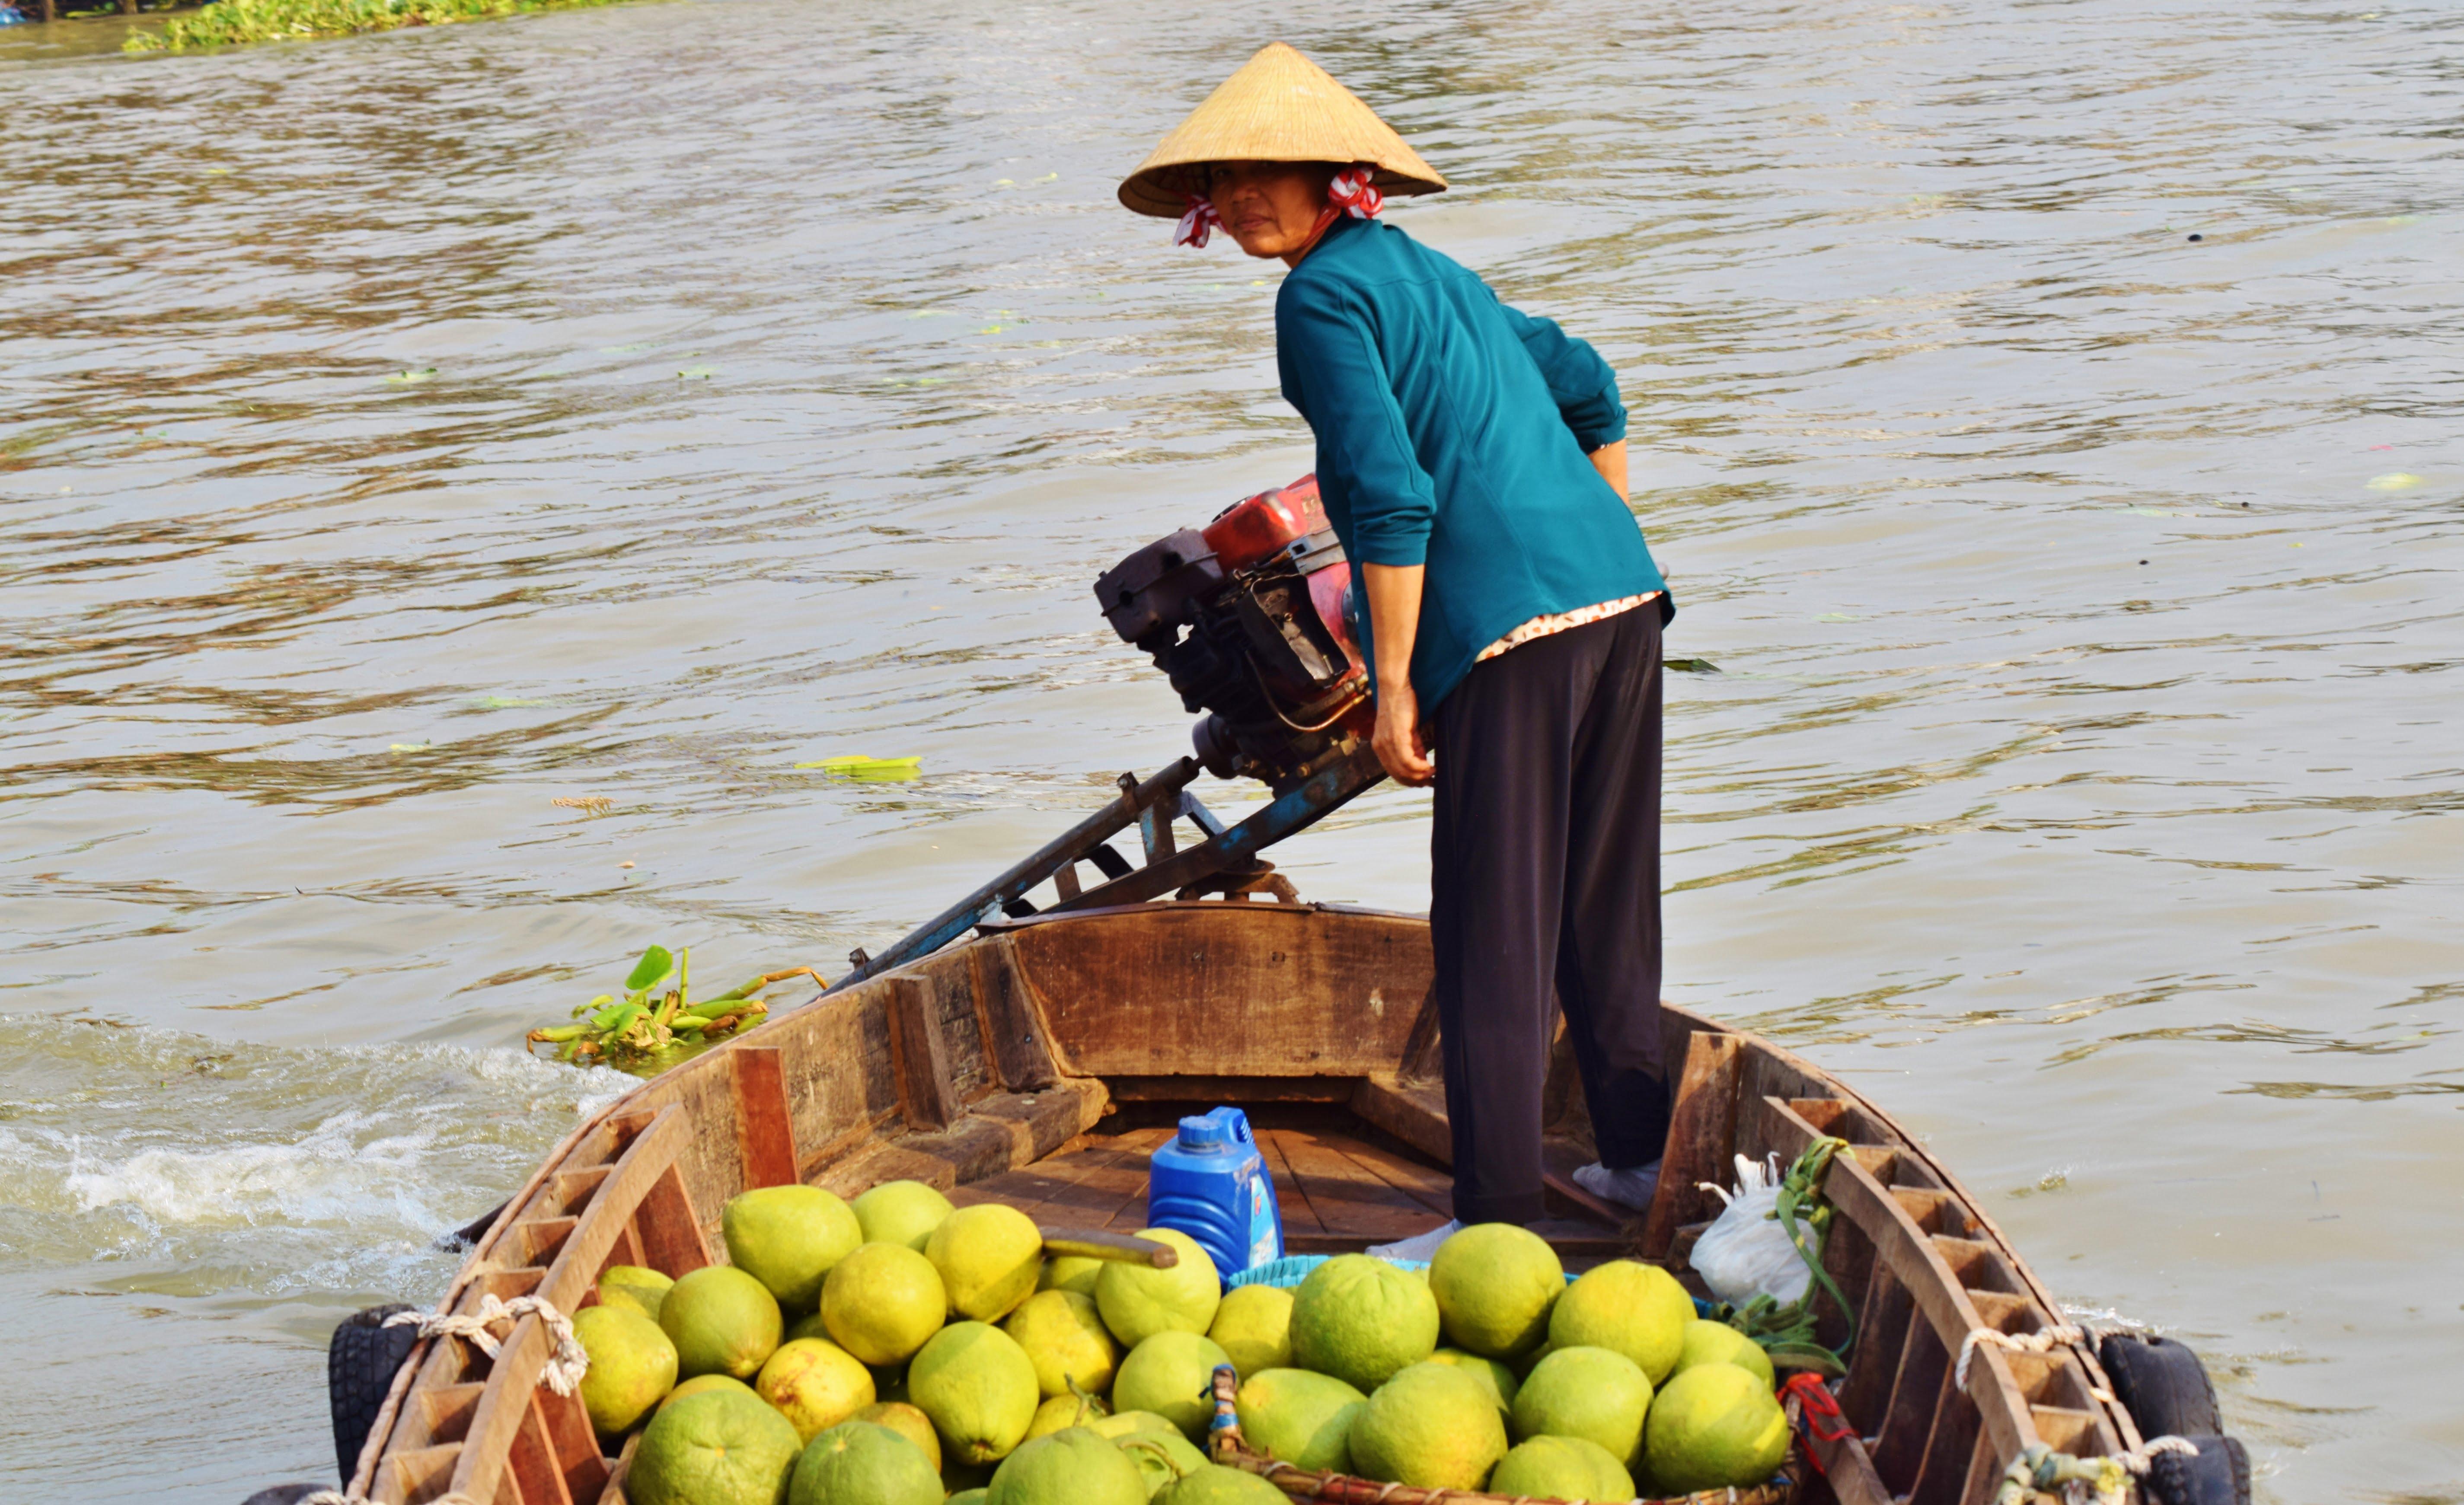 Vietnam - Cai Bé